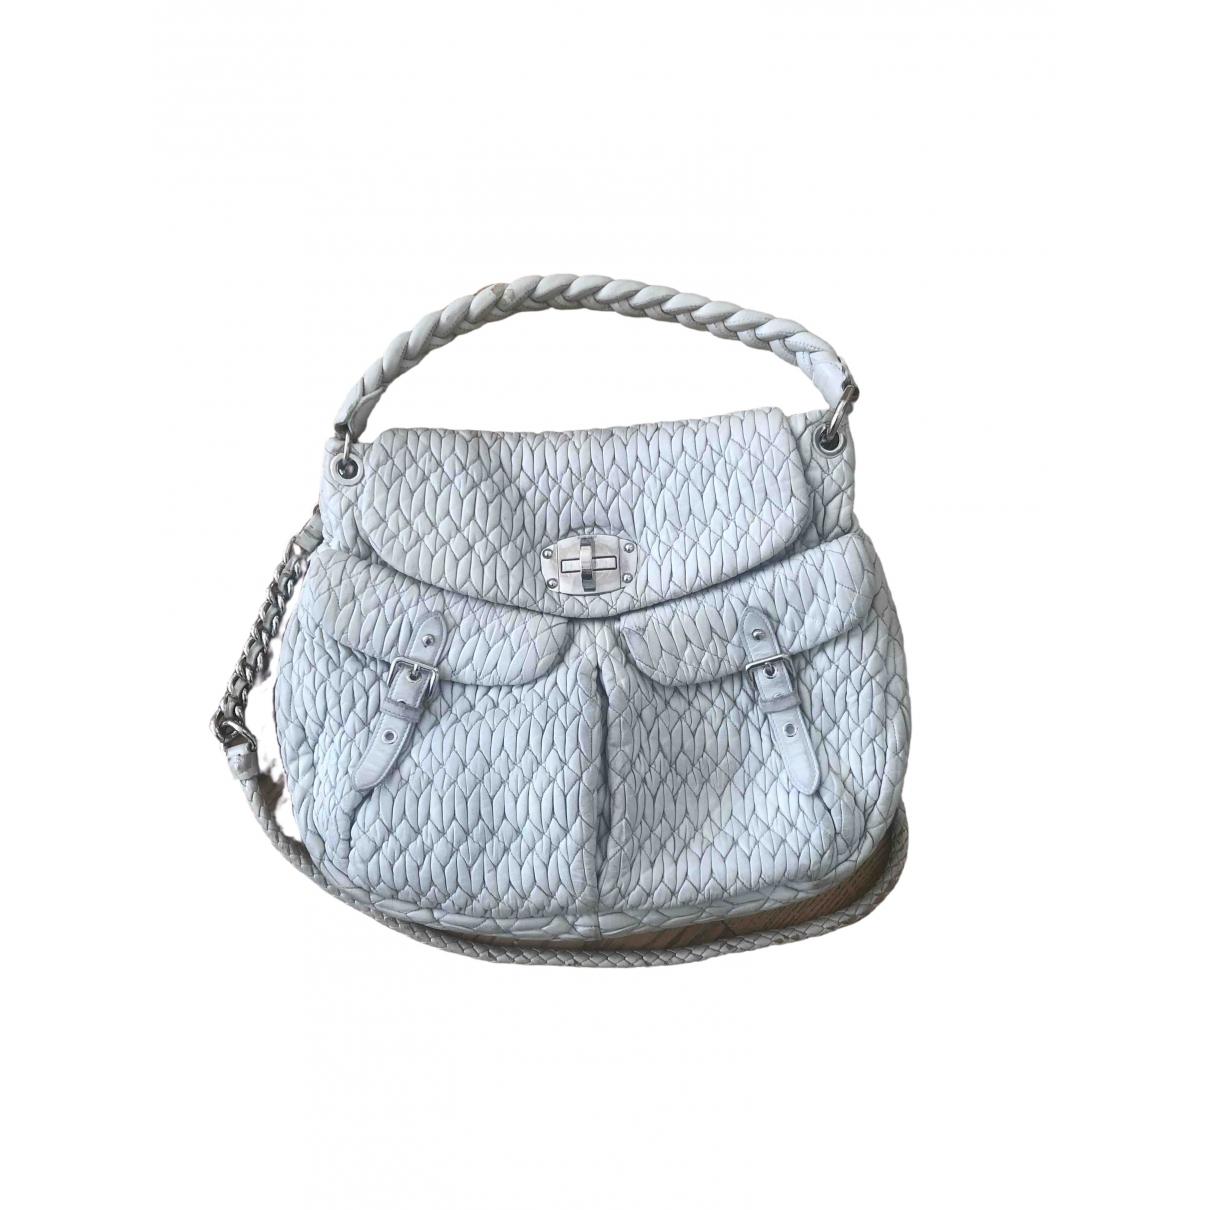 Miu Miu Coffer Grey Leather handbag for Women \N